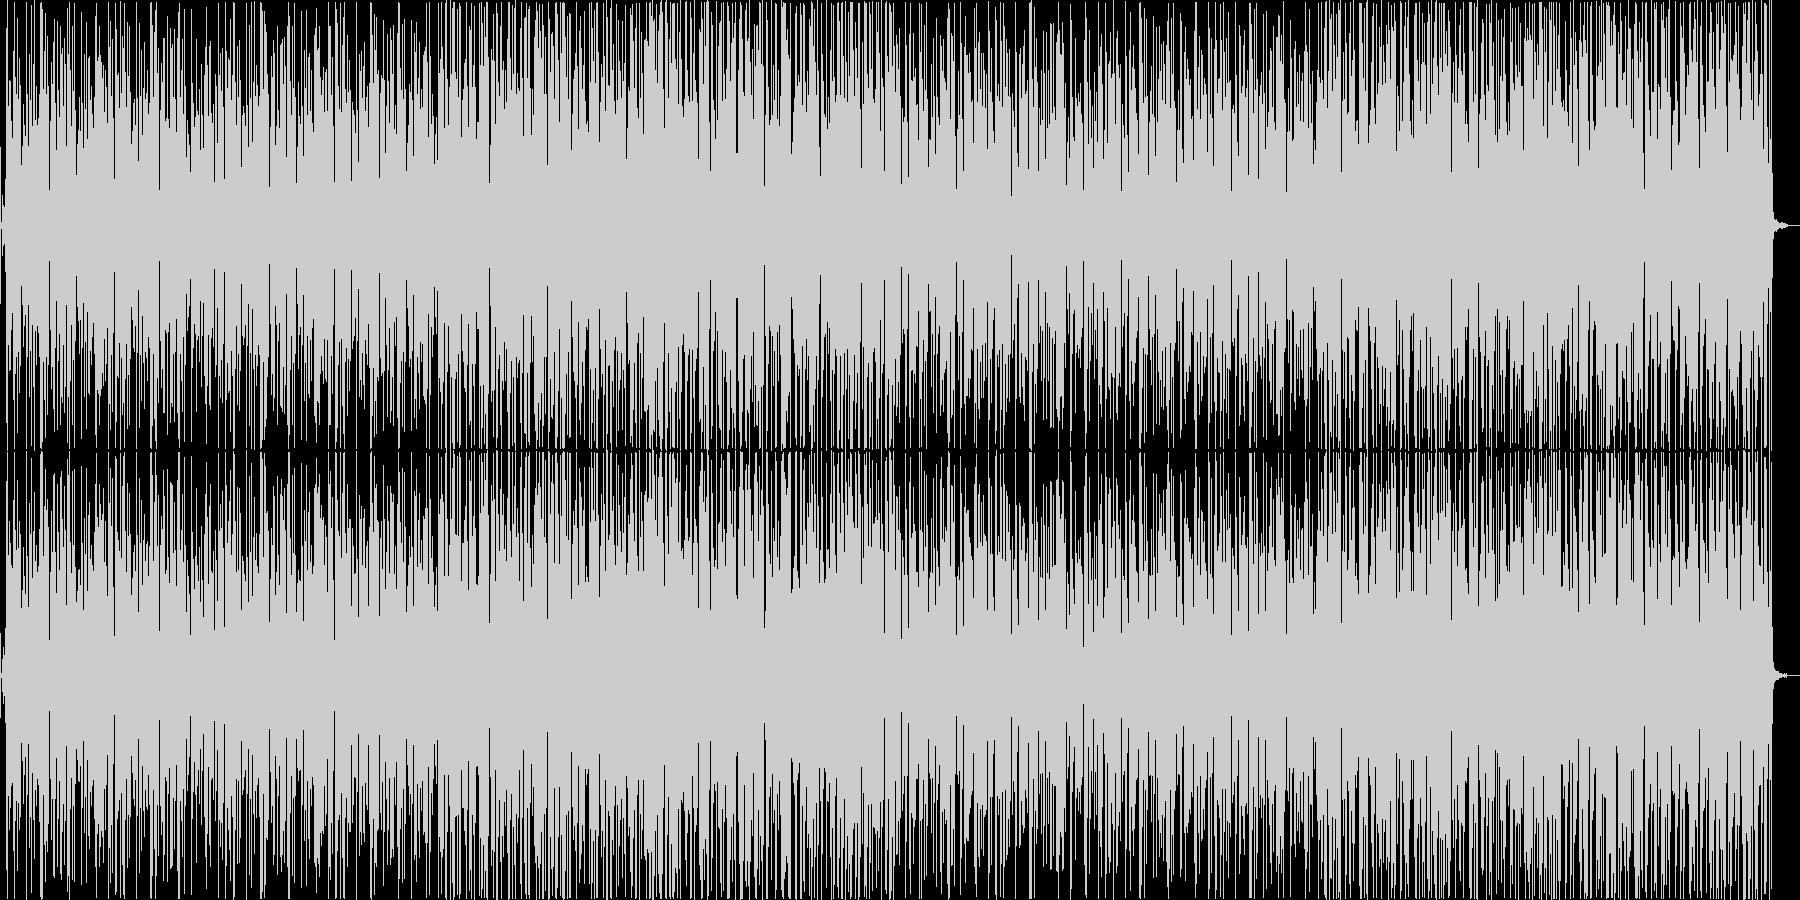 可愛いオシャレなポップスの未再生の波形